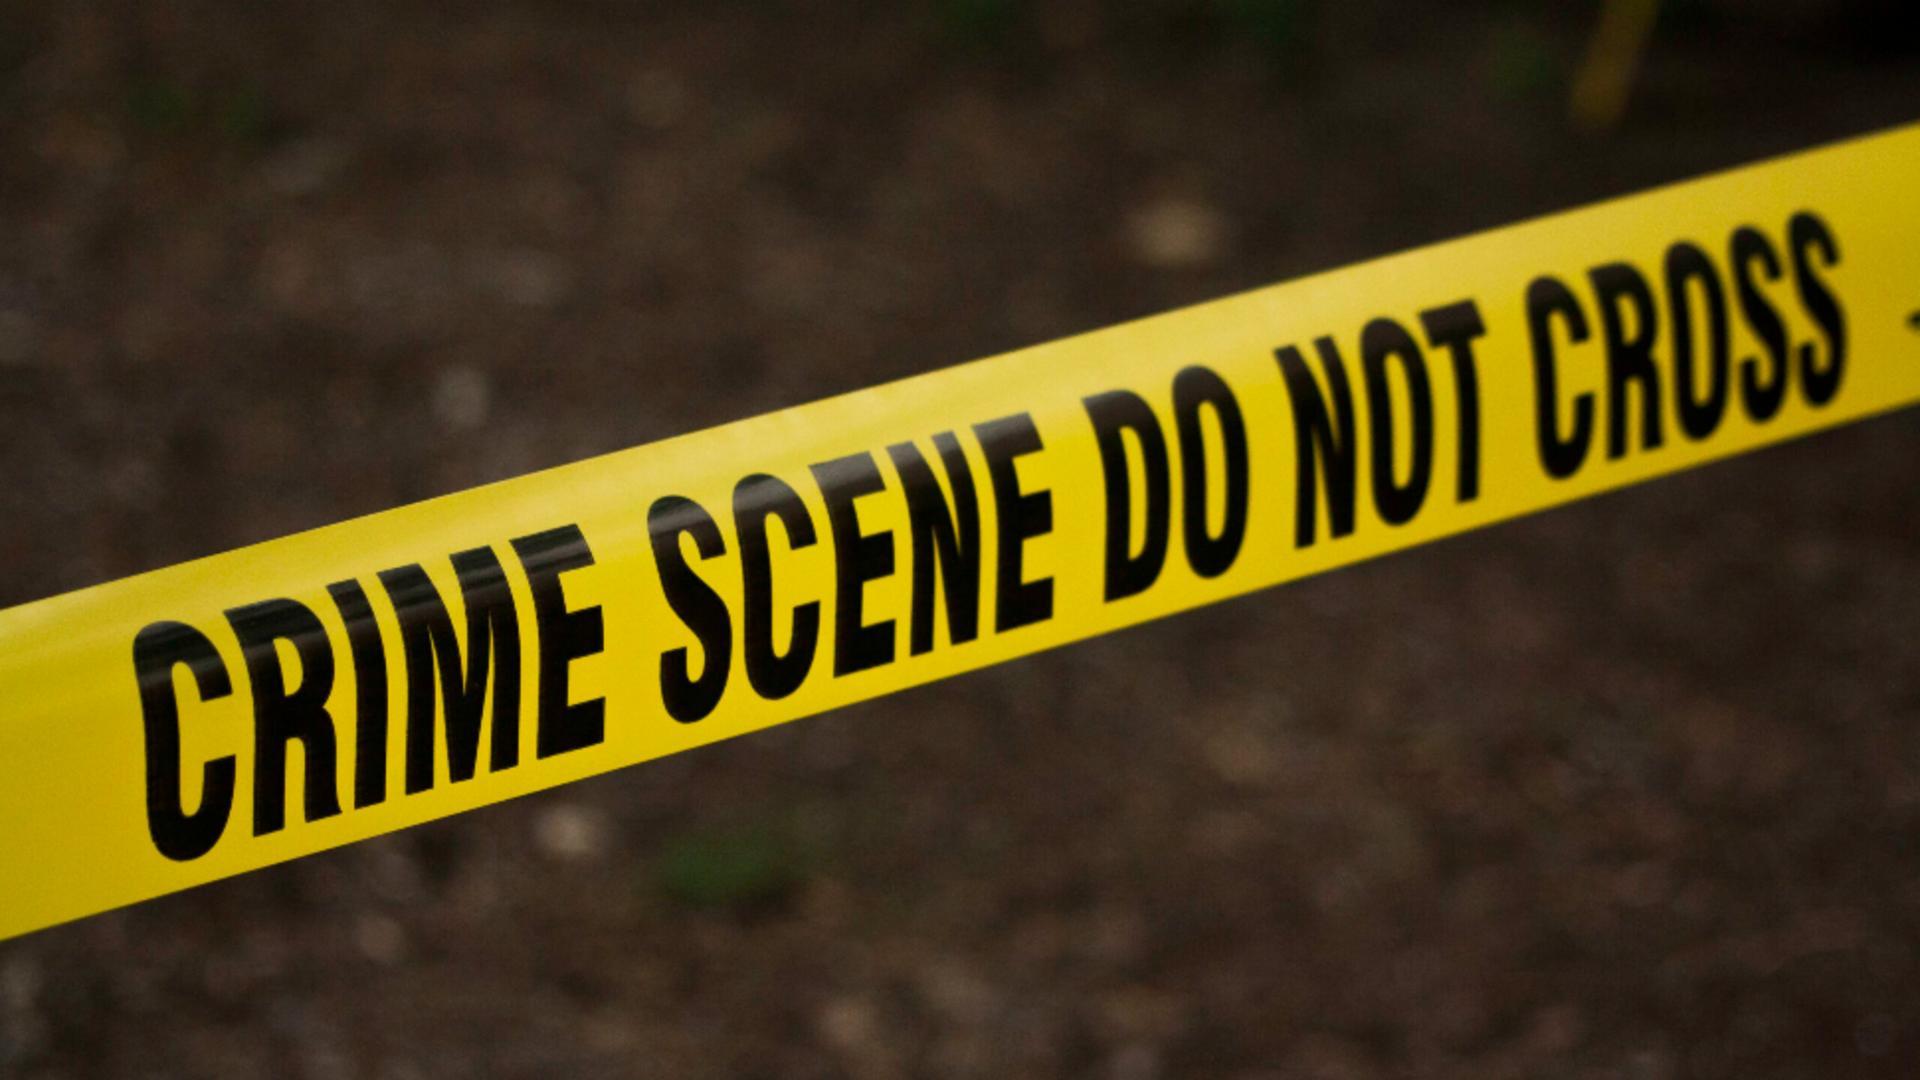 Sfârșit tragic pentru un bărbat din New York. A fost zdrobit după ce un sinucigaș a căzut peste el